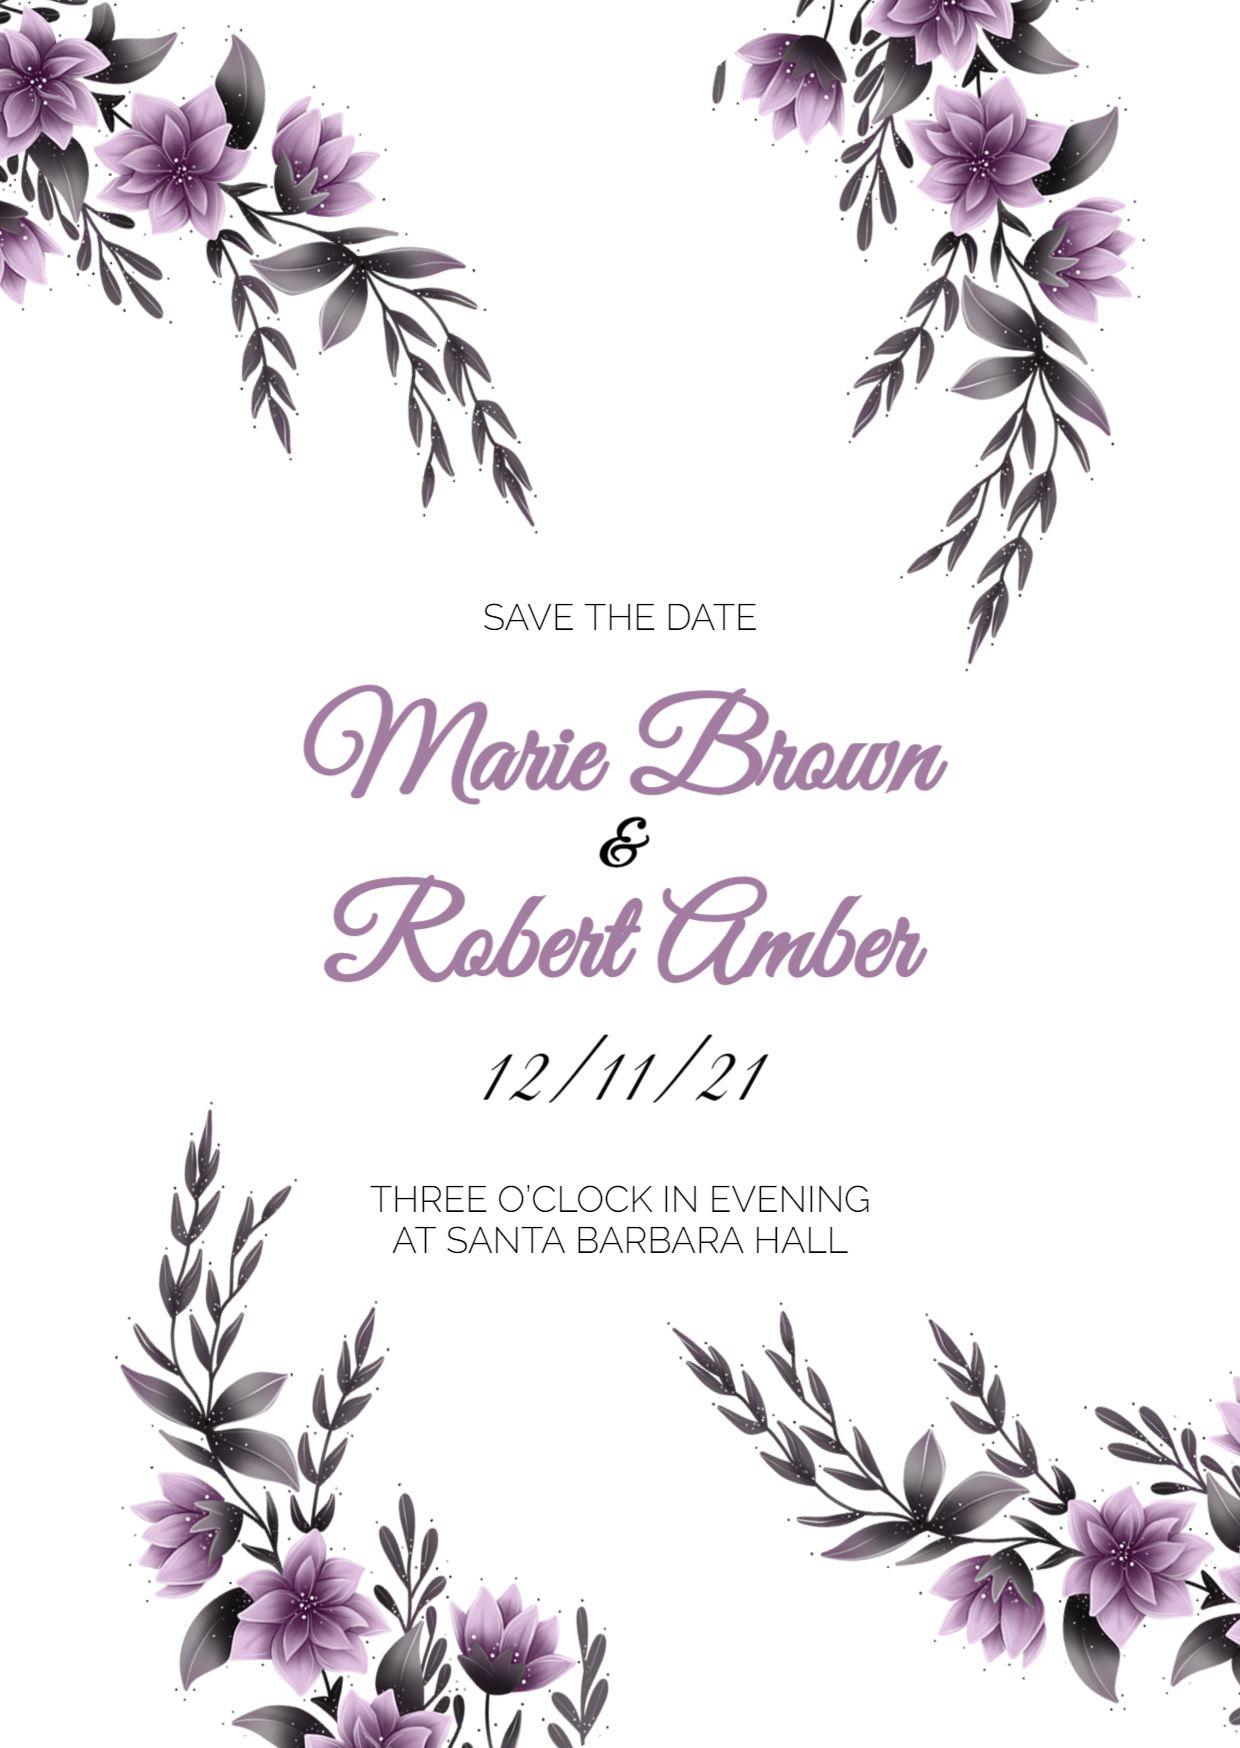 Minimalistic Wedding Invitation Template